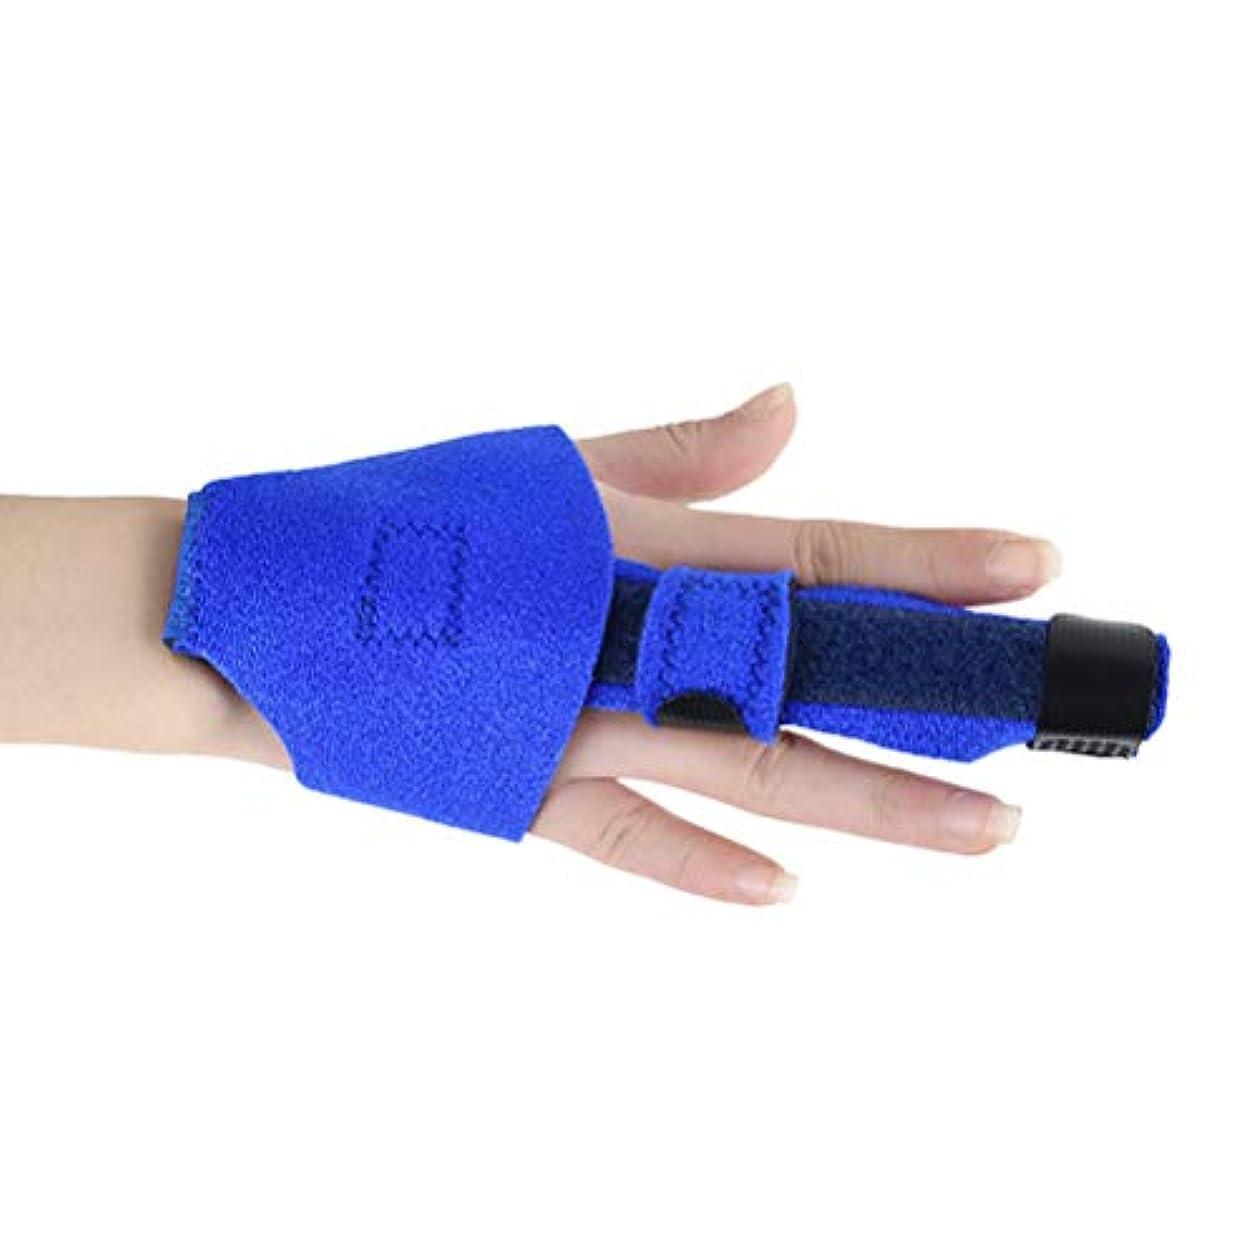 ずんぐりした呼吸部屋を掃除するHeallily指関節矯正副木骨折指固定ブレース指延長矯正スリーブ(ブルー)